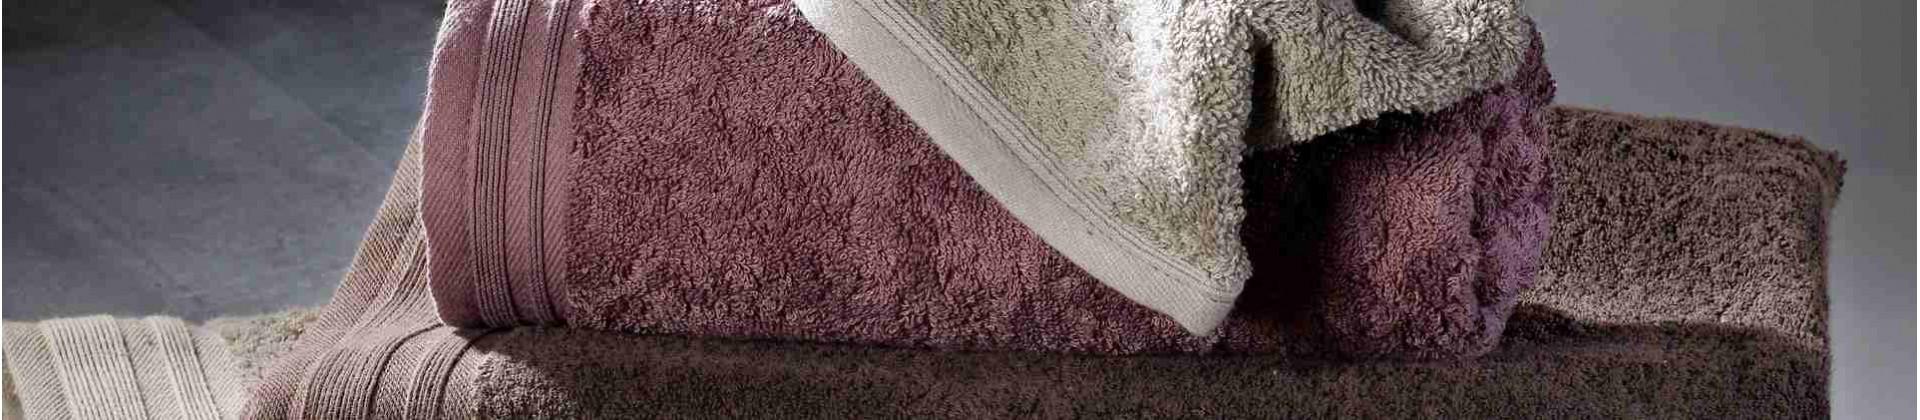 Linge de bain éponge couleur pour hôtels, collectivités et gîtes